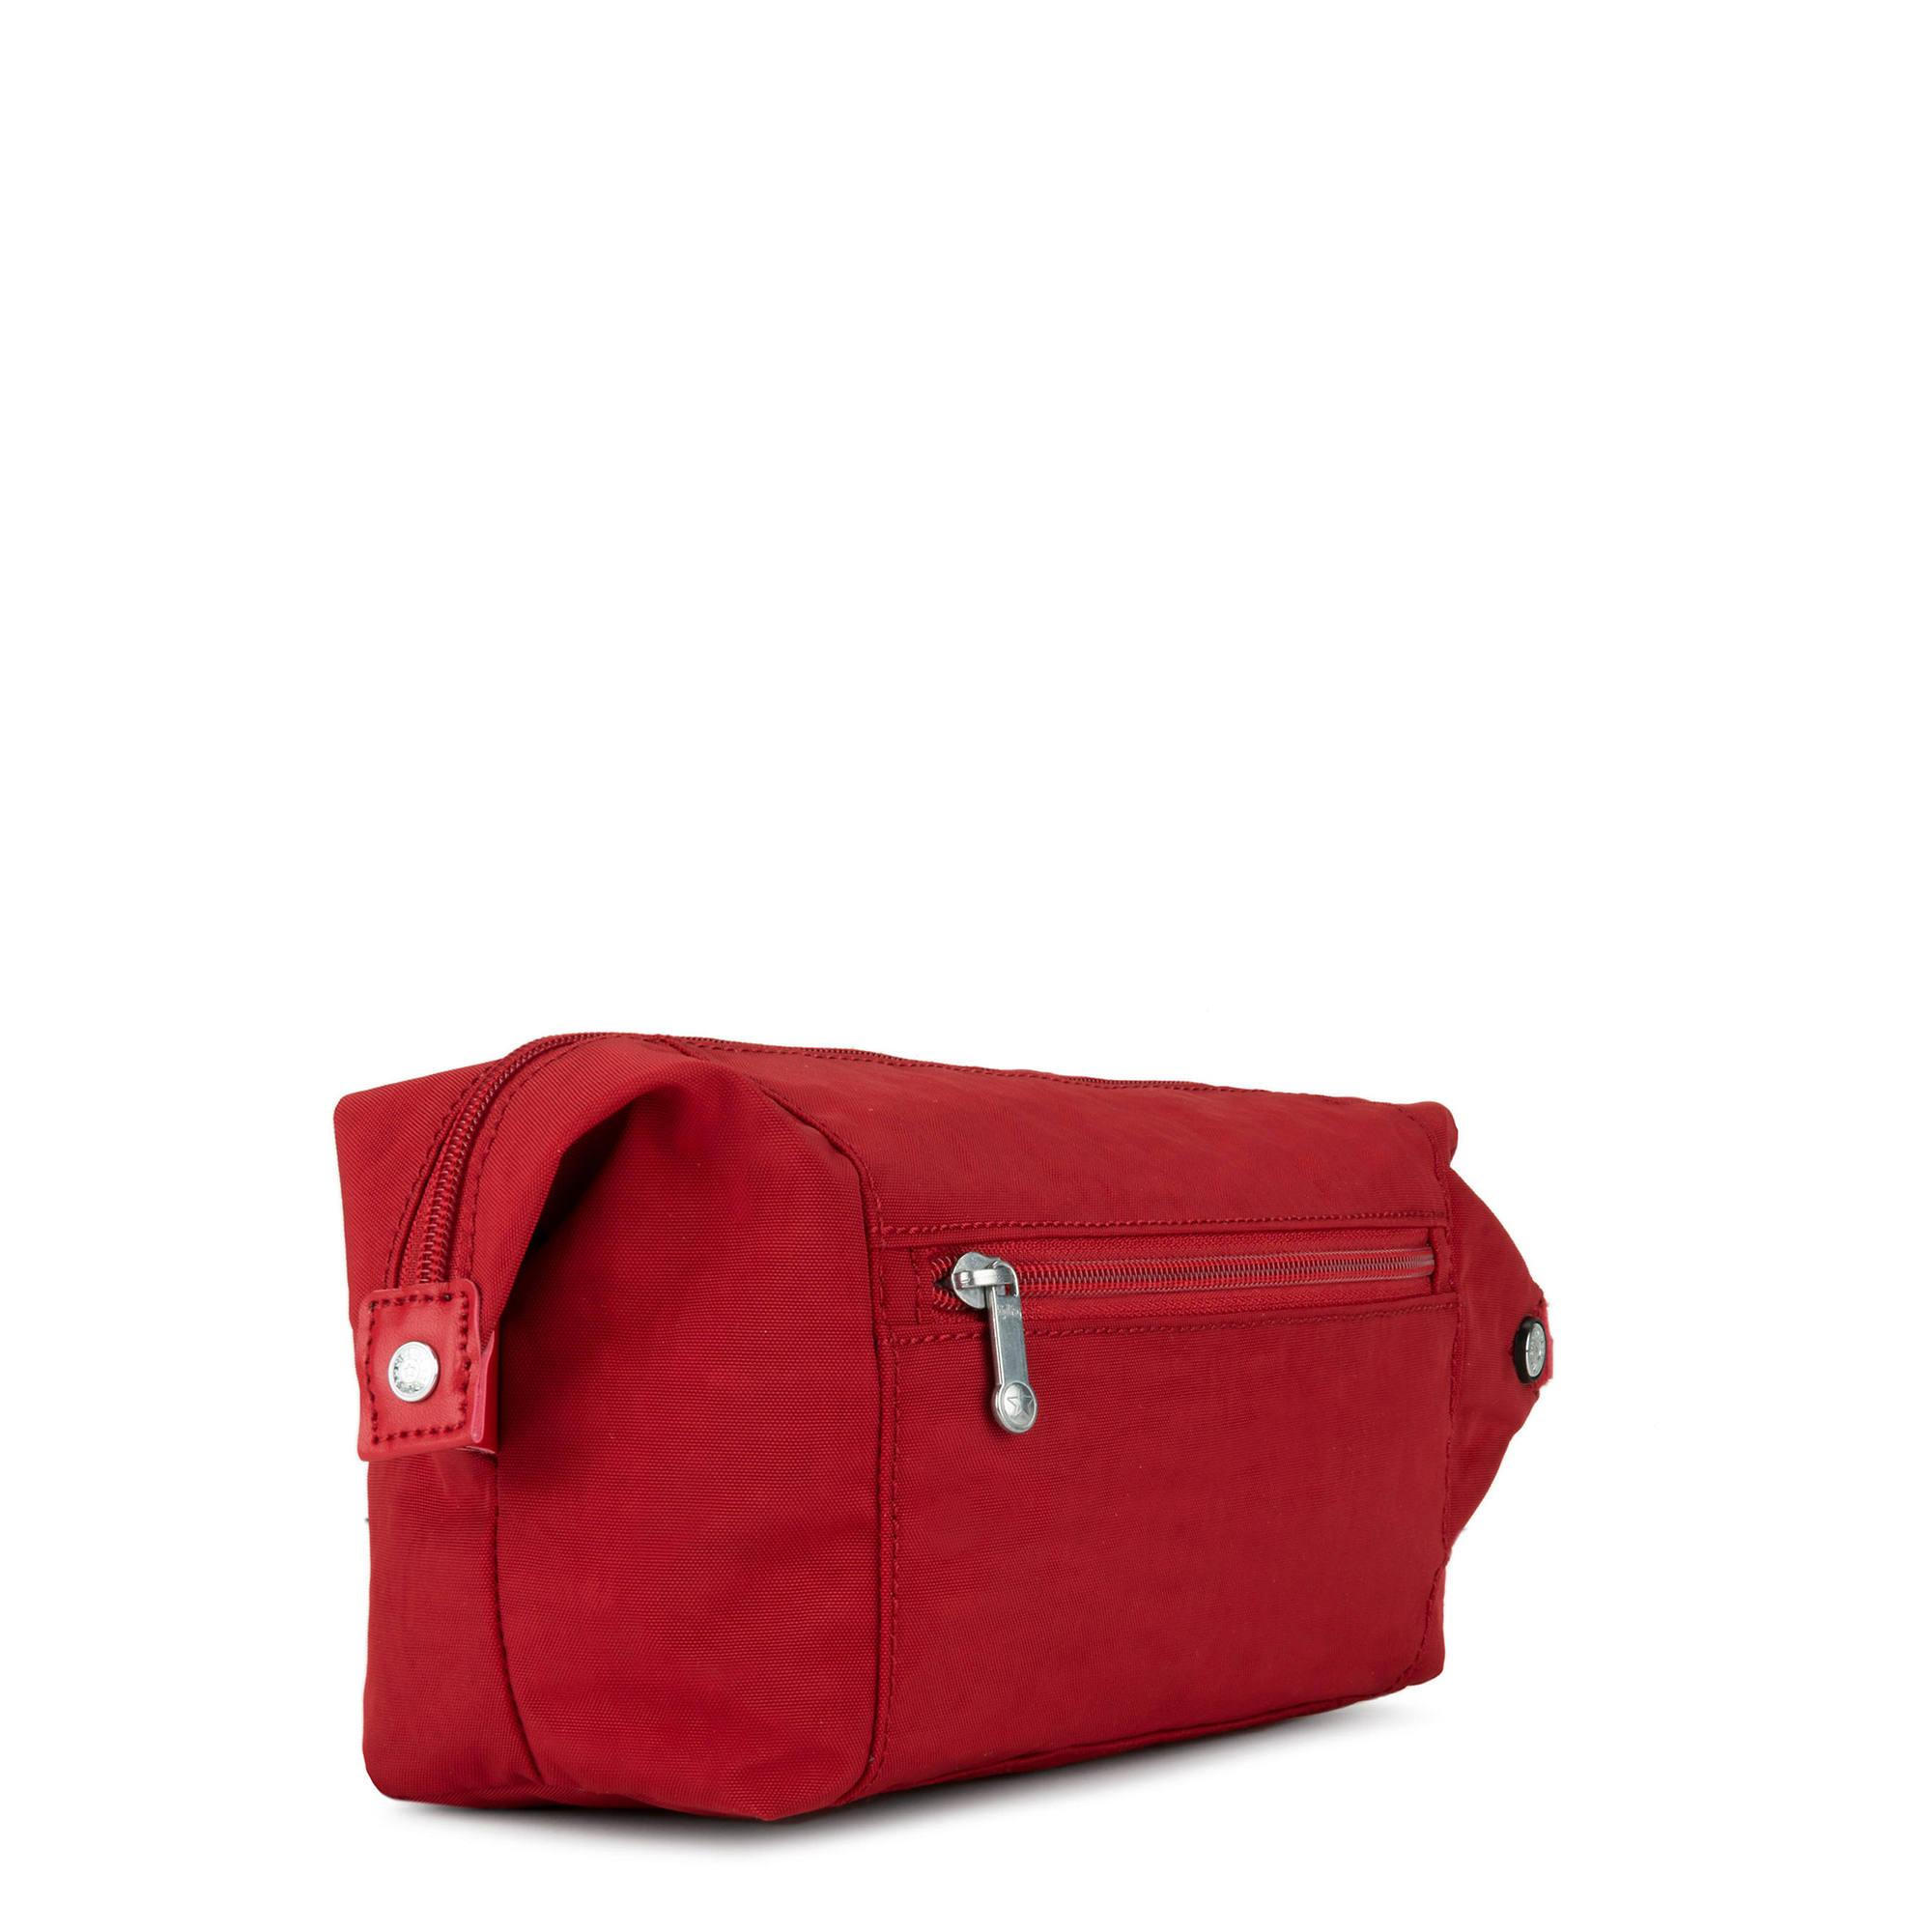 ec9575c1fc12 Aiden Toiletry Bag